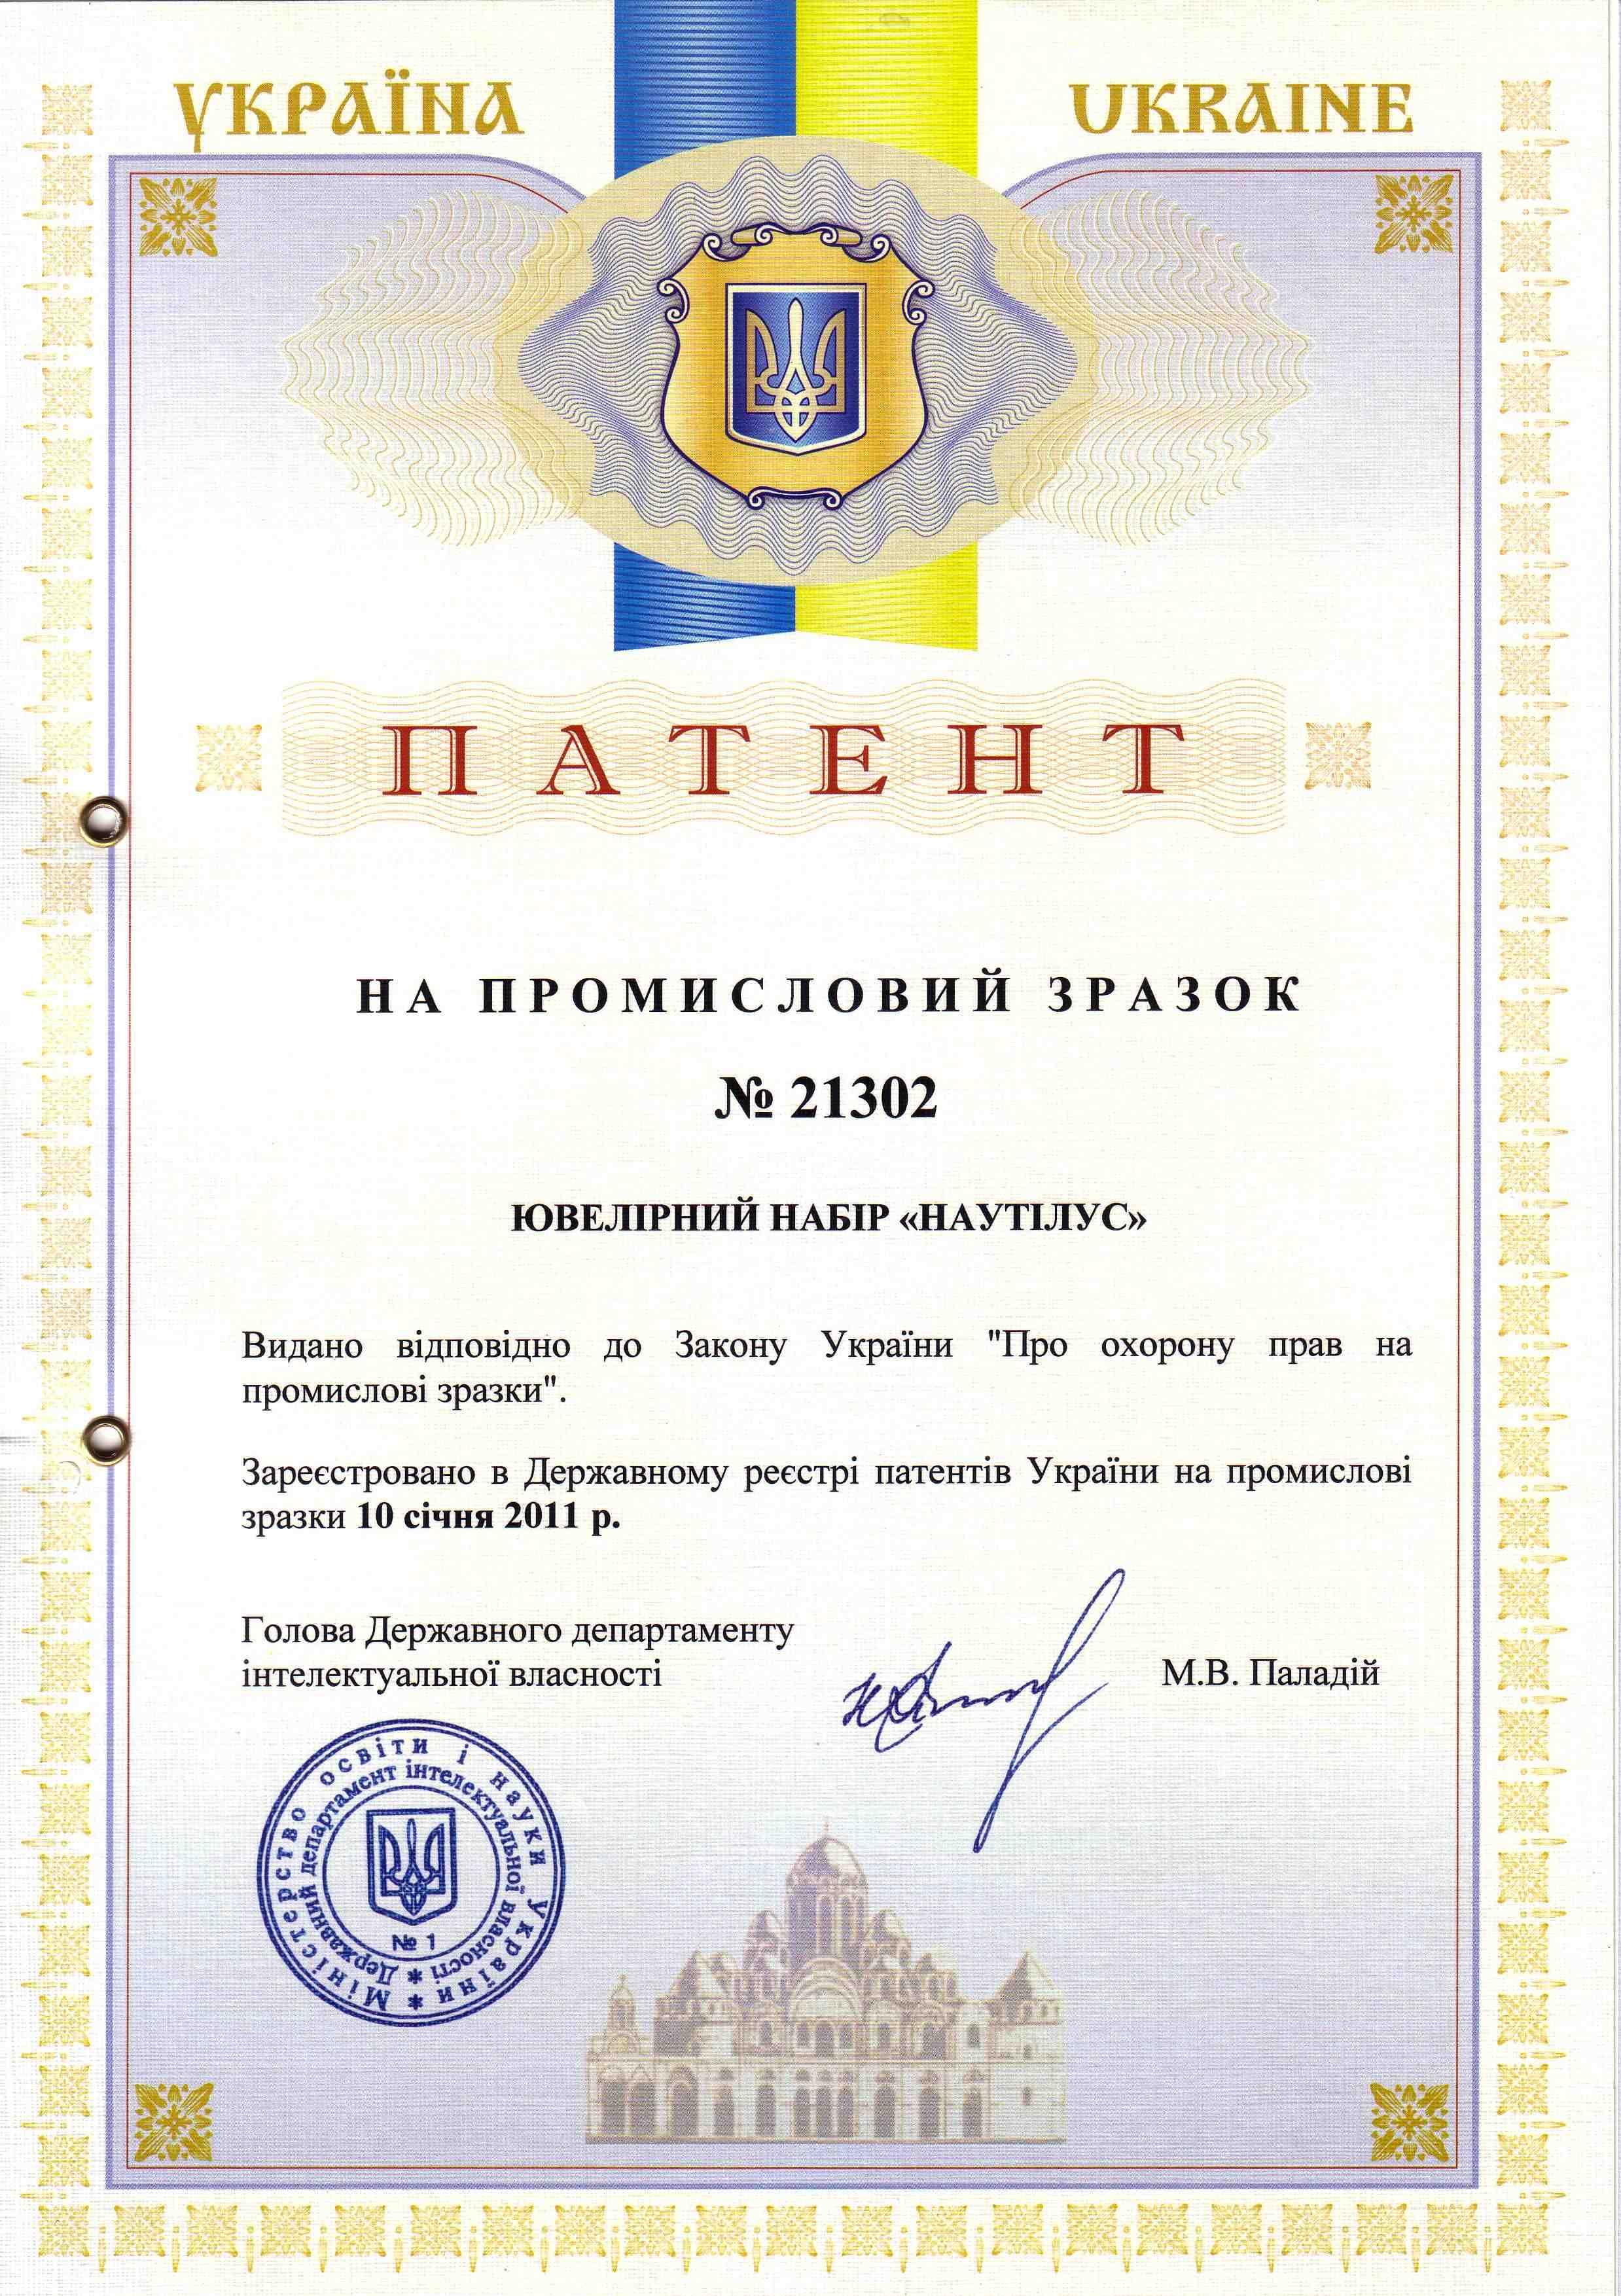 Фото Регистрация промышленного образца 1